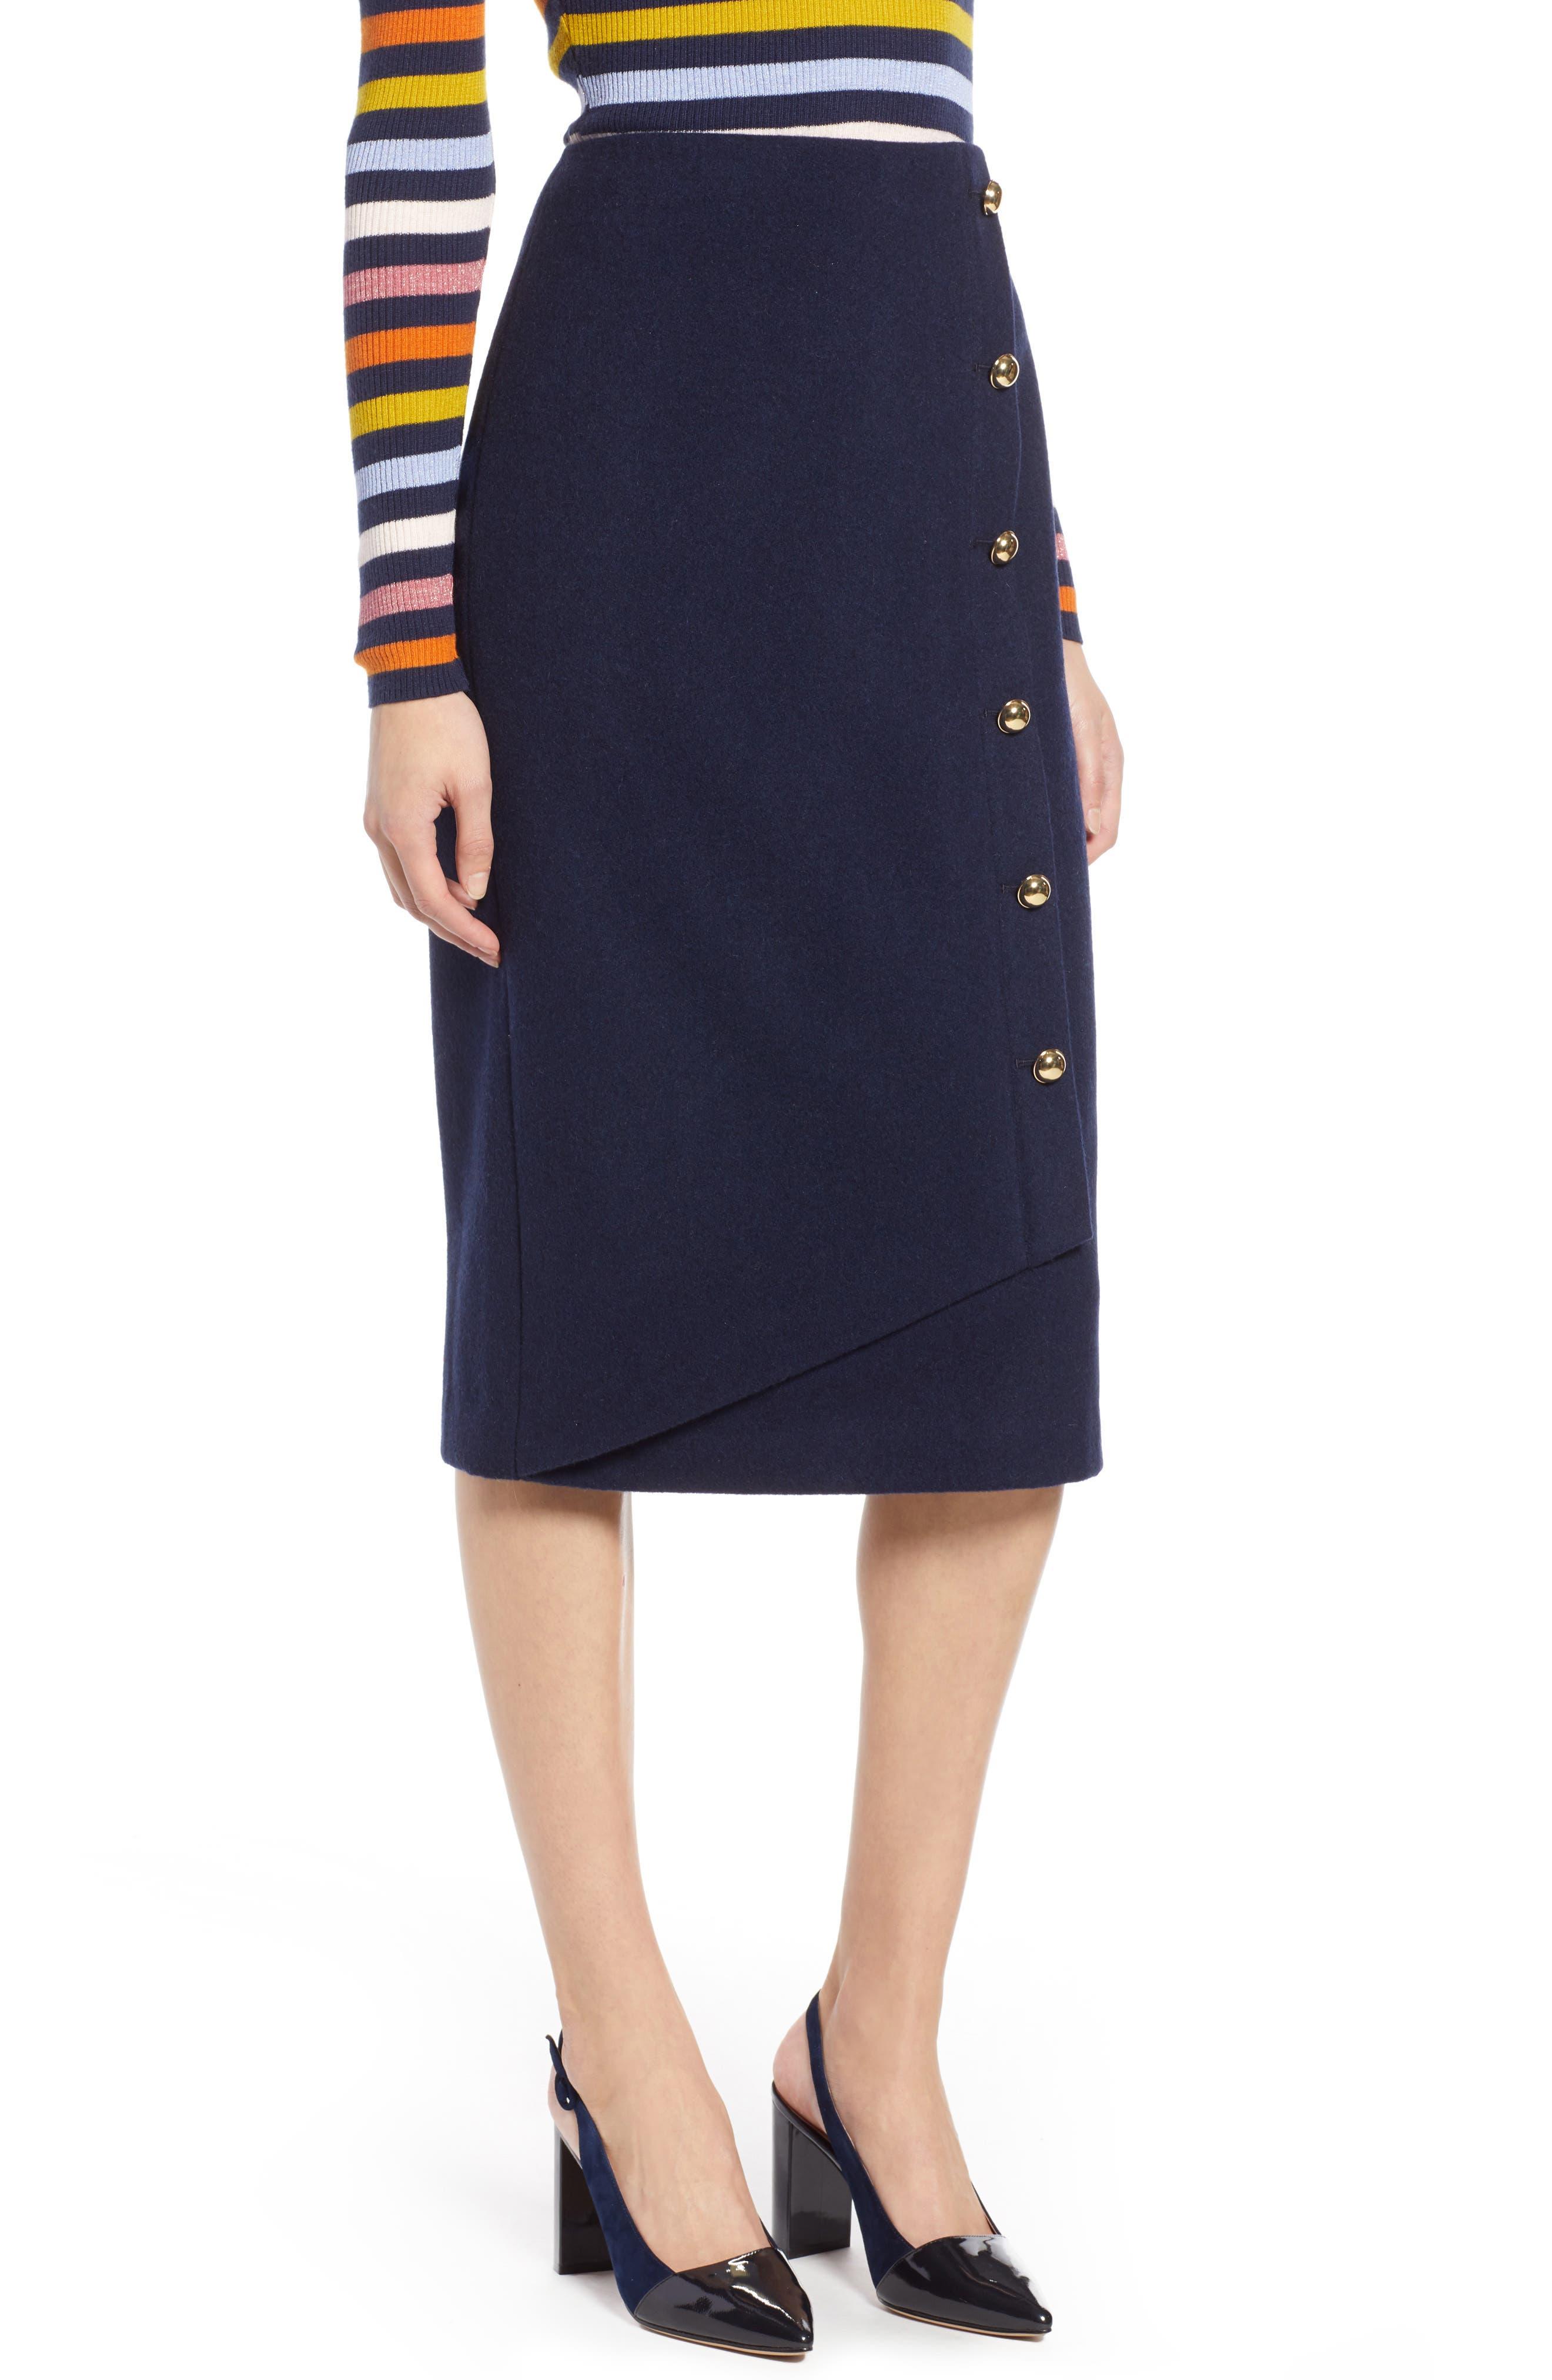 Petite Halogen X Atlantic-Pacific Wrap Pencil Skirt, Blue